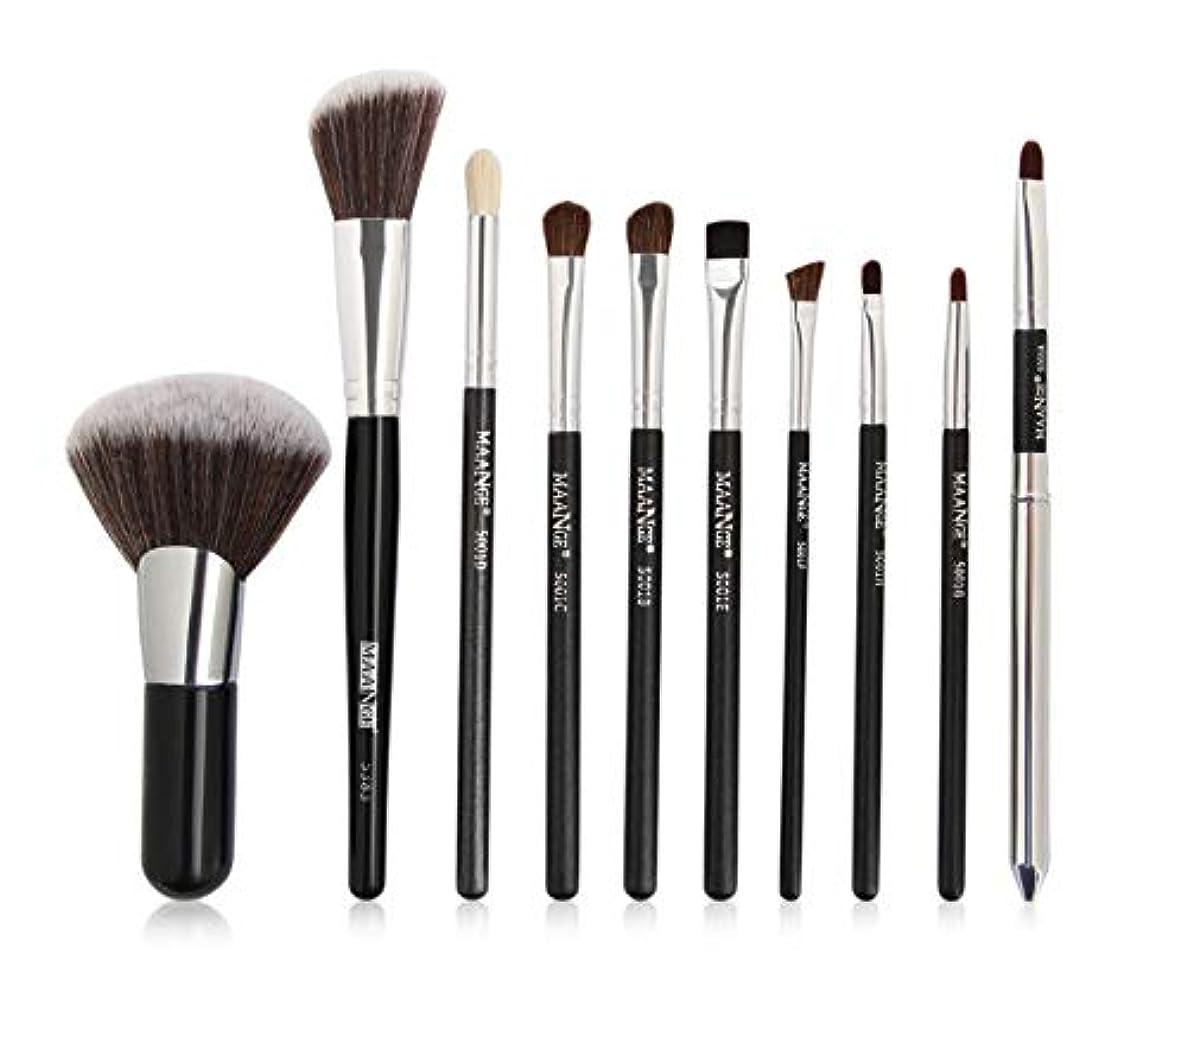 サンダーセンサー束ねるChaopeng 化粧ブラシセット、10木製ハンドル馬毛化粧ブラシセットアイブラシ、初心者やメイクアップアーティストのための美容ツールの実用的なフルセット